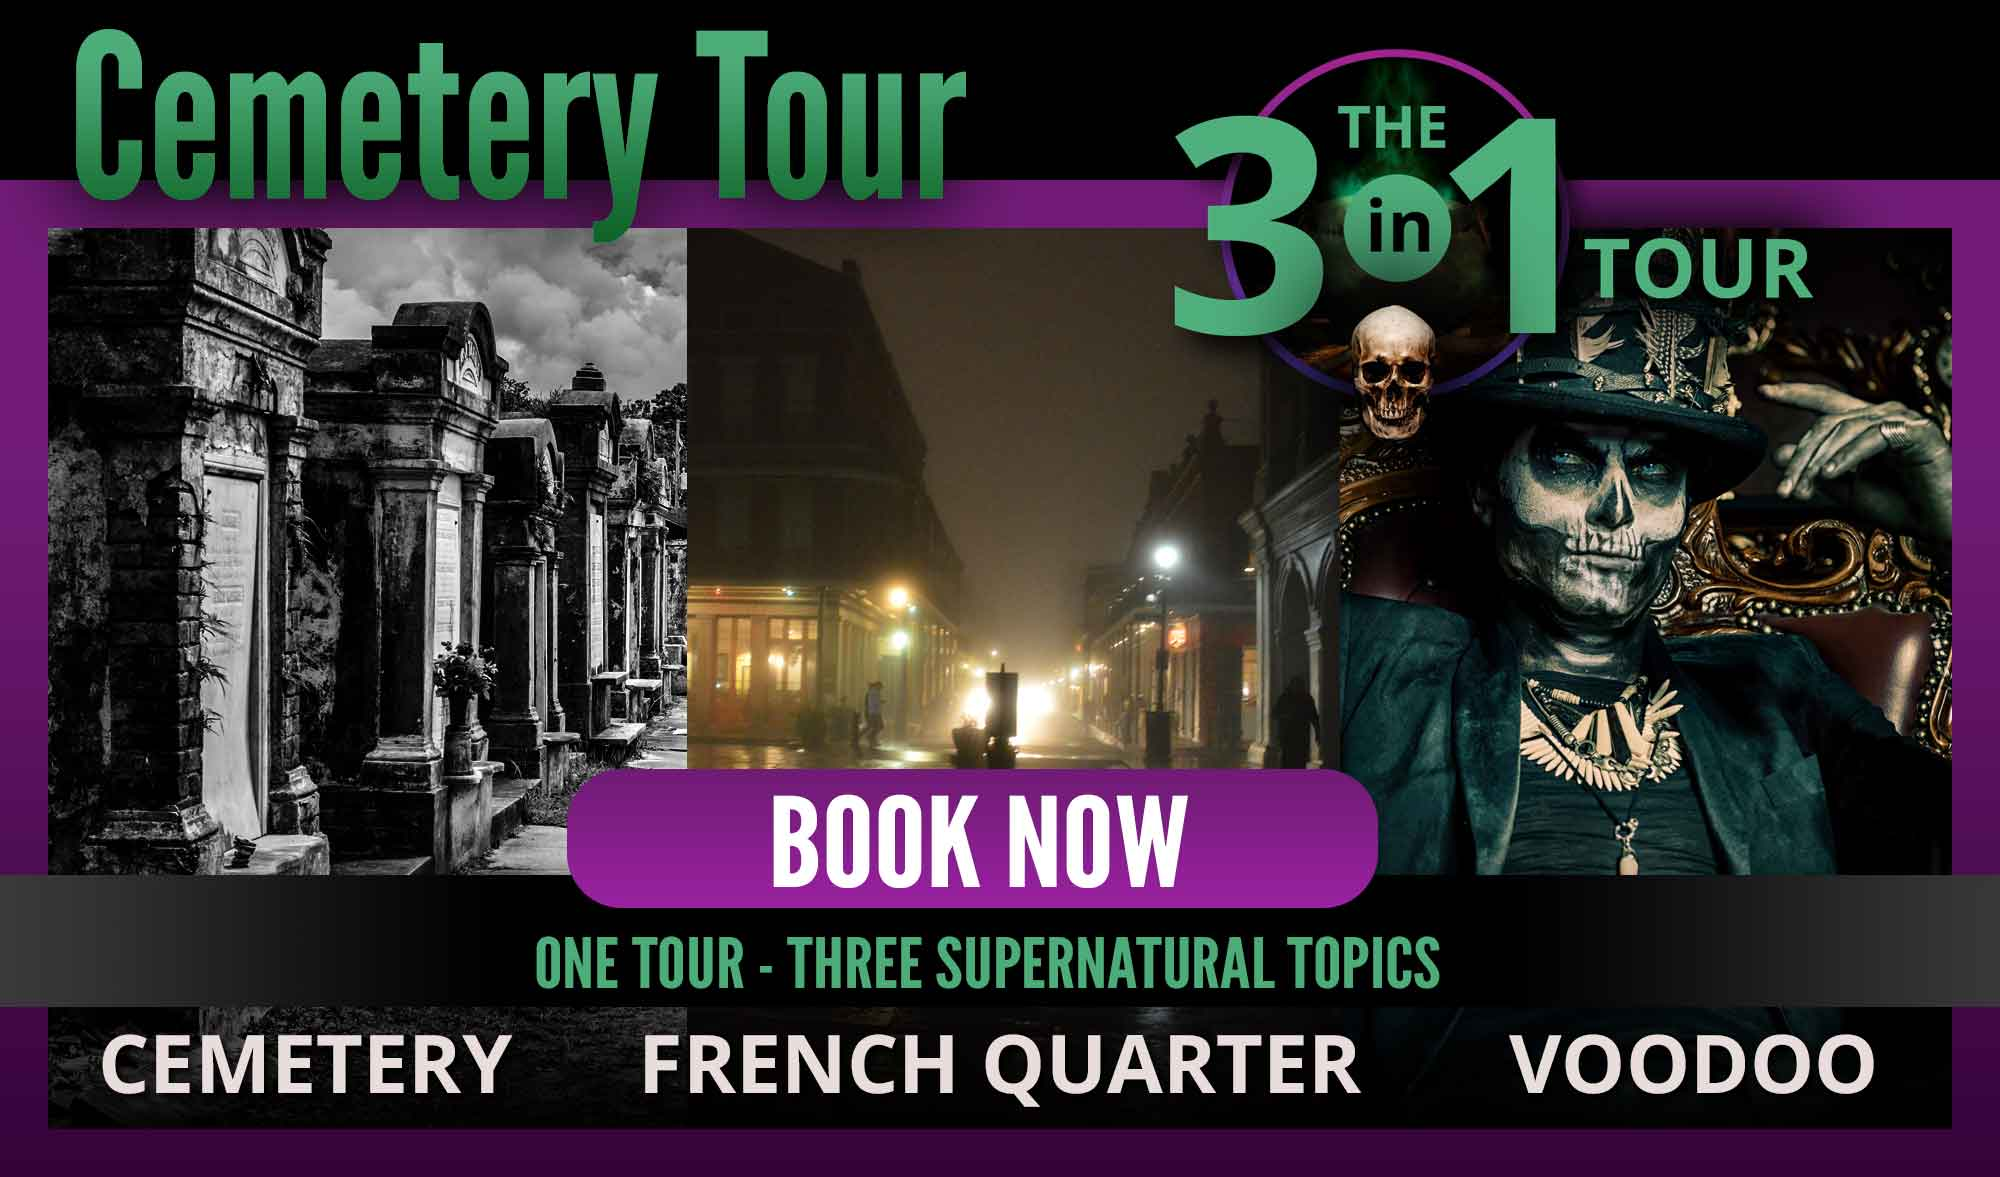 cemetery_tour